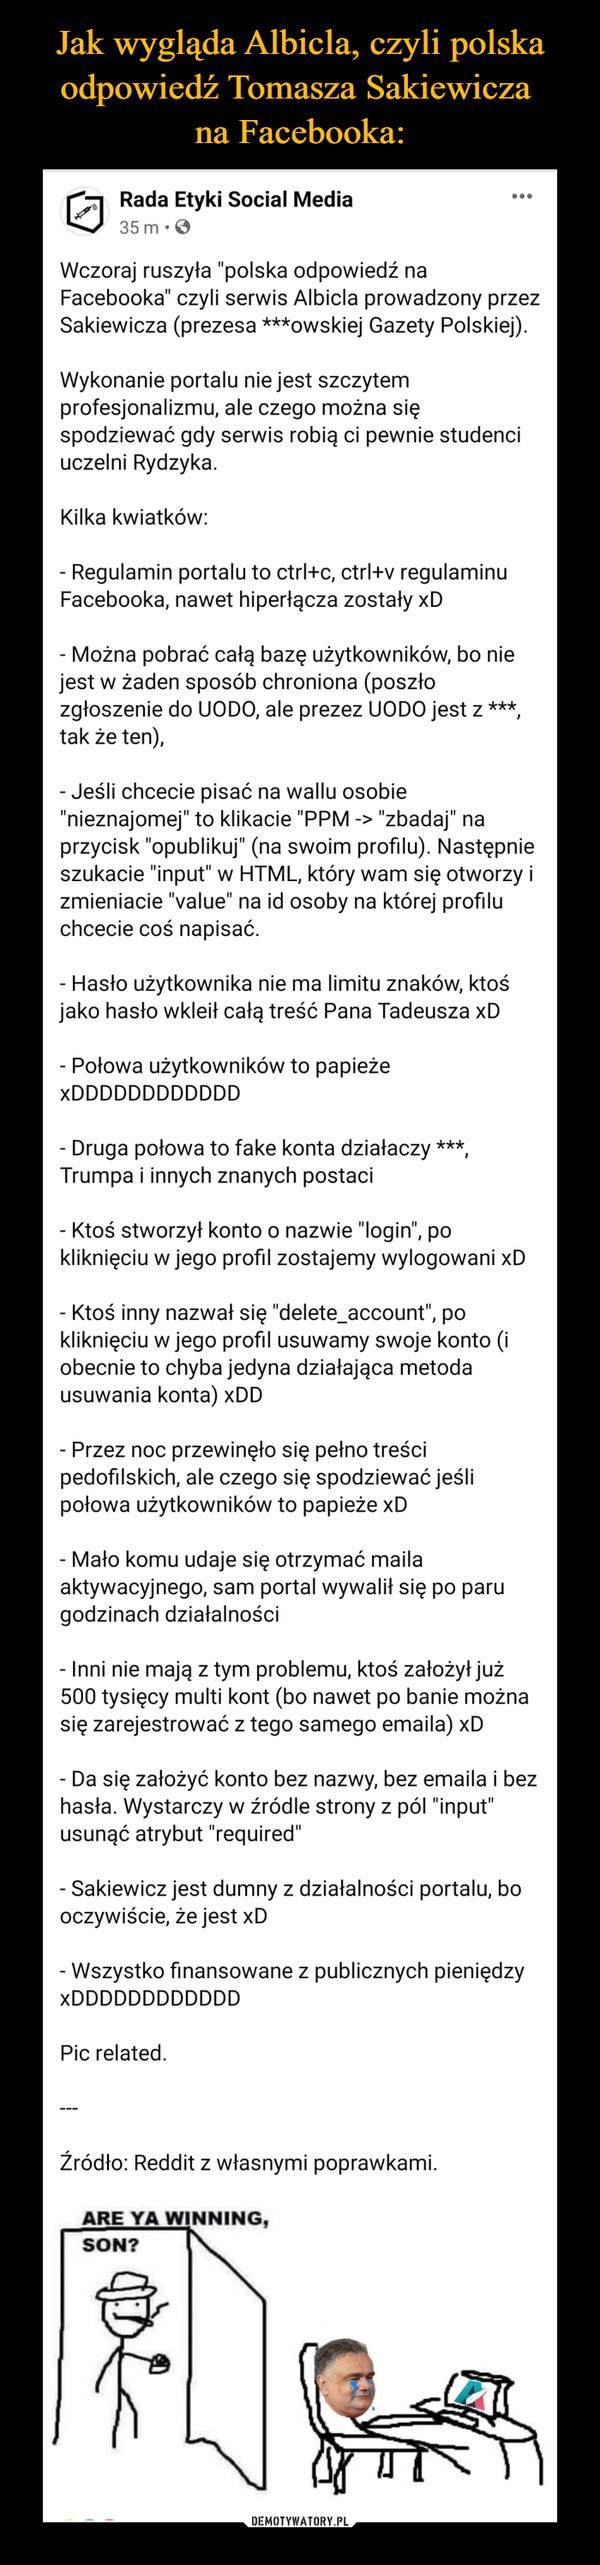 """–  Rada Etyki Social Mediat3uS8p mmotenslidnlored  · Wczoraj ruszyła """"polska odpowiedź na Facebooka"""" czyli serwis Albicla prowadzony przez Sakiewicza (prezesa ***owskiej Gazety Polskiej). Wykonanie portalu nie jest szczytem profesjonalizmu, ale czego można się spodziewać gdy serwis robią ci pewnie studenci uczelni Rydzyka.Kilka kwiatków:- Regulamin portalu to ctrl+c, ctrl+v regulaminu Facebooka, nawet hiperłącza zostały xD- Można pobrać całą bazę użytkowników, bo nie jest w żaden sposób chroniona (poszło zgłoszenie do UODO, ale prezez UODO jest z ***, tak że ten),- Jeśli chcecie pisać na wallu osobie """"nieznajomej"""" to klikacie """"PPM -> """"zbadaj"""" na przycisk """"opublikuj"""" (na swoim profilu). Następnie szukacie """"input"""" w HTML, który wam się otworzy i zmieniacie """"value"""" na id osoby na której profilu chcecie coś napisać.- Hasło użytkownika nie ma limitu znaków, ktoś jako hasło wkleił całą treść Pana Tadeusza xD- Połowa użytkowników to papieże xDDDDDDDDDDDD- Druga połowa to fake konta działaczy ***, Trumpa i innych znanych postaci- Ktoś stworzył konto o nazwie """"login"""", po kliknięciu w jego profil zostajemy wylogowani xD- Ktoś inny nazwał się """"delete_account"""", po kliknięciu w jego profil usuwamy swoje konto (i obecnie to chyba jedyna działająca metoda usuwania konta) xDD- Przez noc przewinęło się pełno treści pedofilskich, ale czego się spodziewać jeśli połowa użytkowników to papieże xD- Mało komu udaje się otrzymać maila aktywacyjnego, sam portal wywalił się po paru godzinach działalności- Inni nie mają z tym problemu, ktoś założył już 500 tysięcy multi kont (bo nawet po banie można się zarejestrować z tego samego emaila) xD- Da się założyć konto bez nazwy, bez emaila i bez hasła. Wystarczy w źródle strony z pól """"input"""" usunąć atrybut """"required""""- Sakiewicz jest dumny z działalności portalu, bo oczywiście, że jest xD- Wszystko finansowane z publicznych pieniędzy xDDDDDDDDDDDDPic related.---Źródło: Reddit z własnymi poprawkami."""